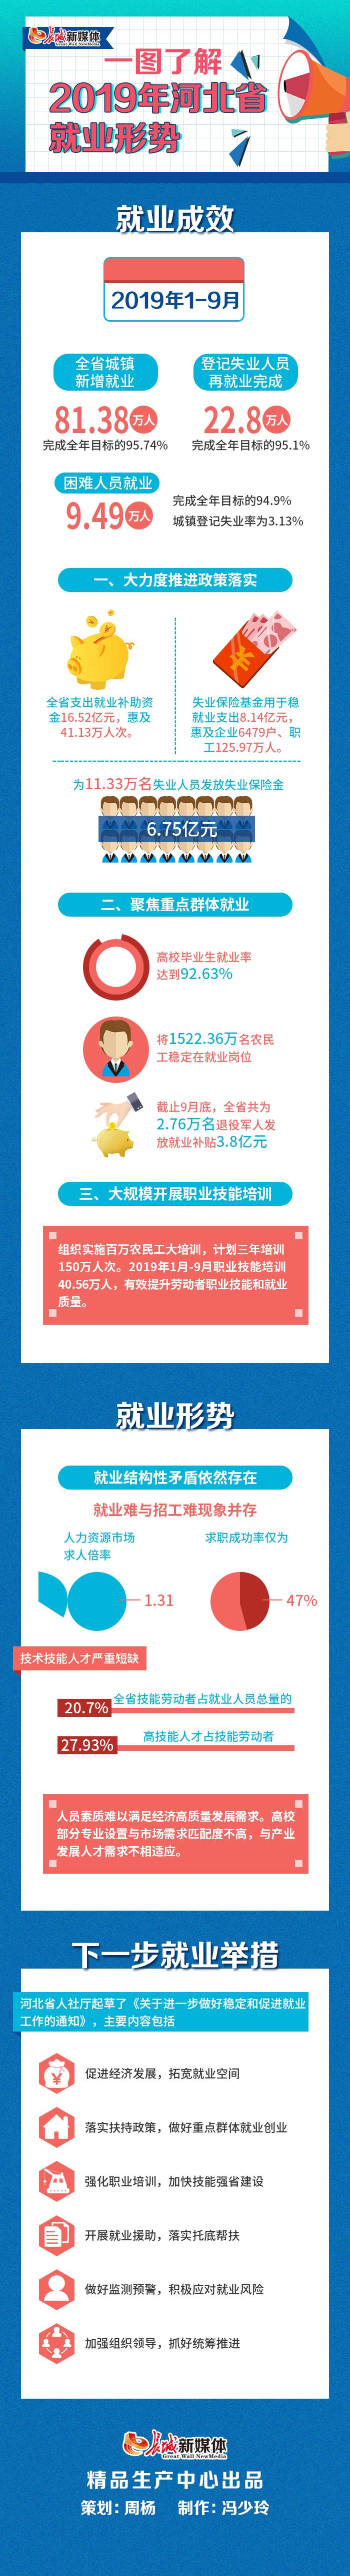 中国赚钱网:【一图了解】2019年河北省最新就业形势